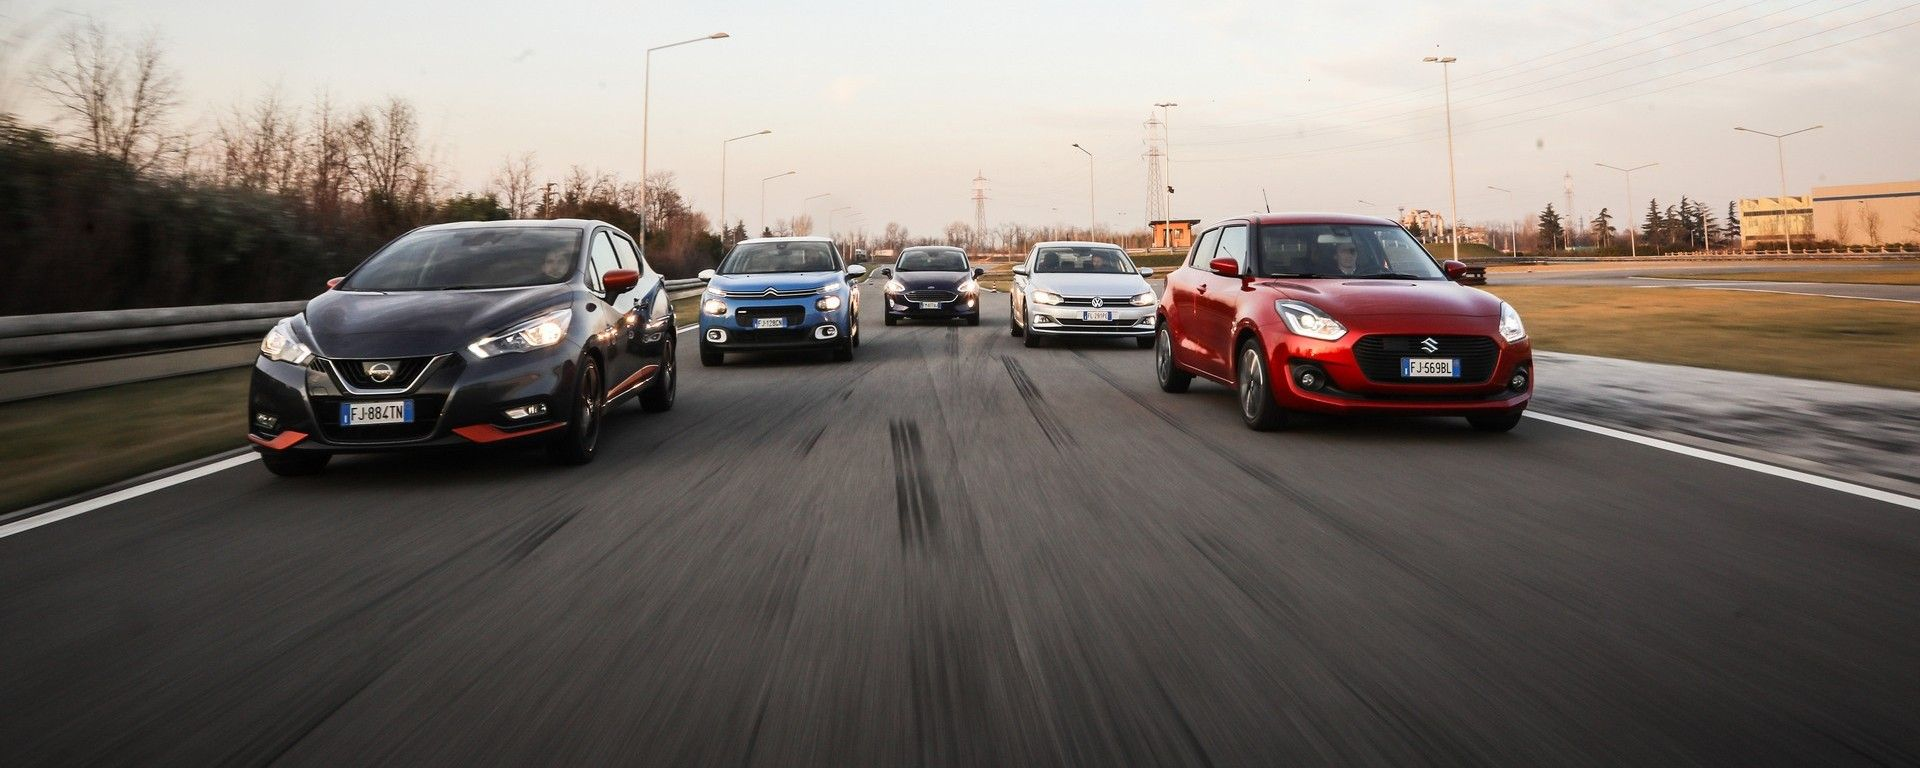 Citroen C3, Ford Fiesta, Nissa Micra, Suzuki Swift, Volkswagen Polo: il video in pista